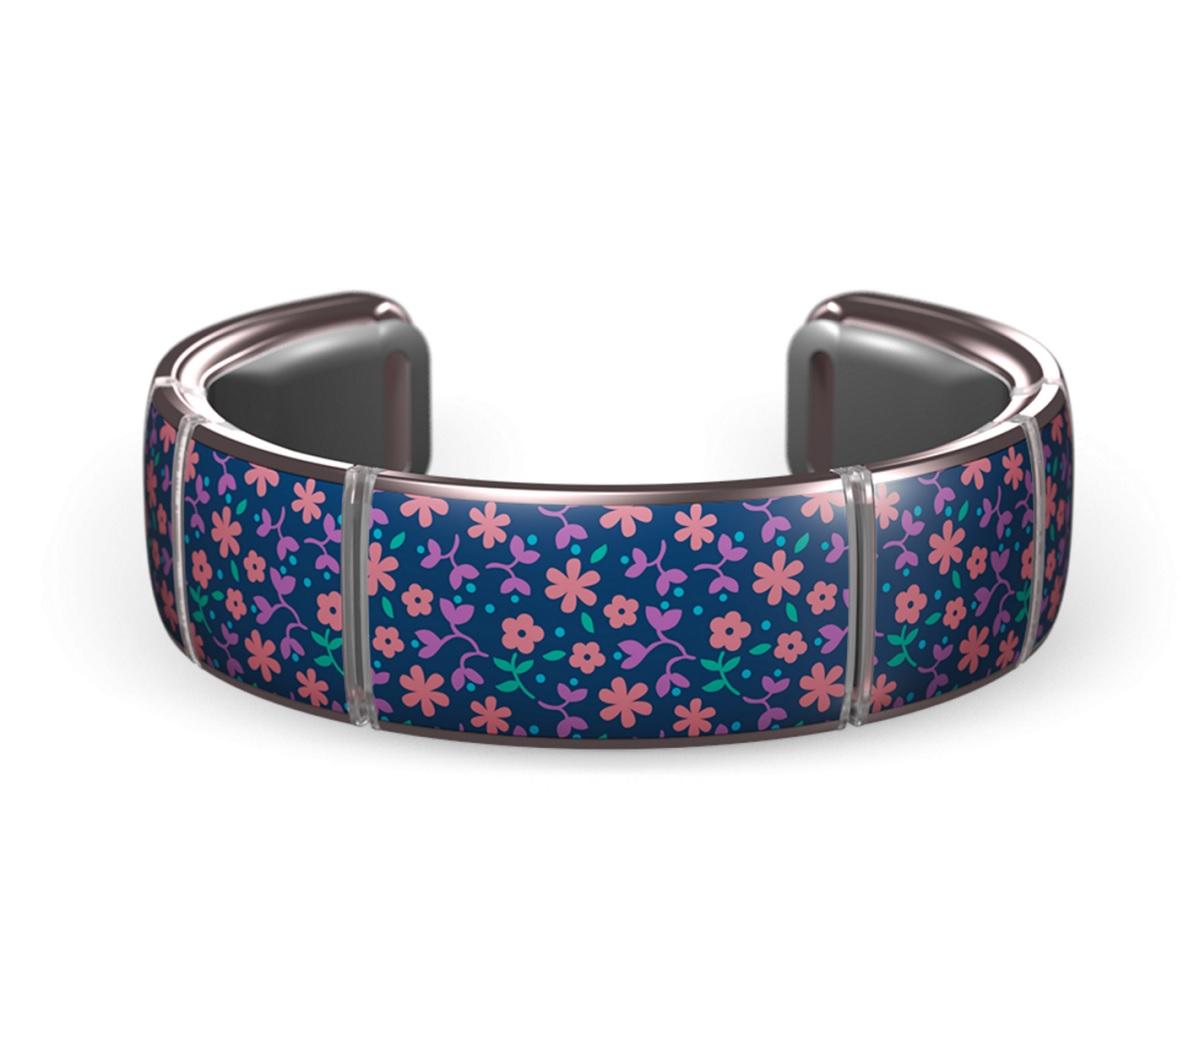 Gemio bracelets have flashing LEDs.